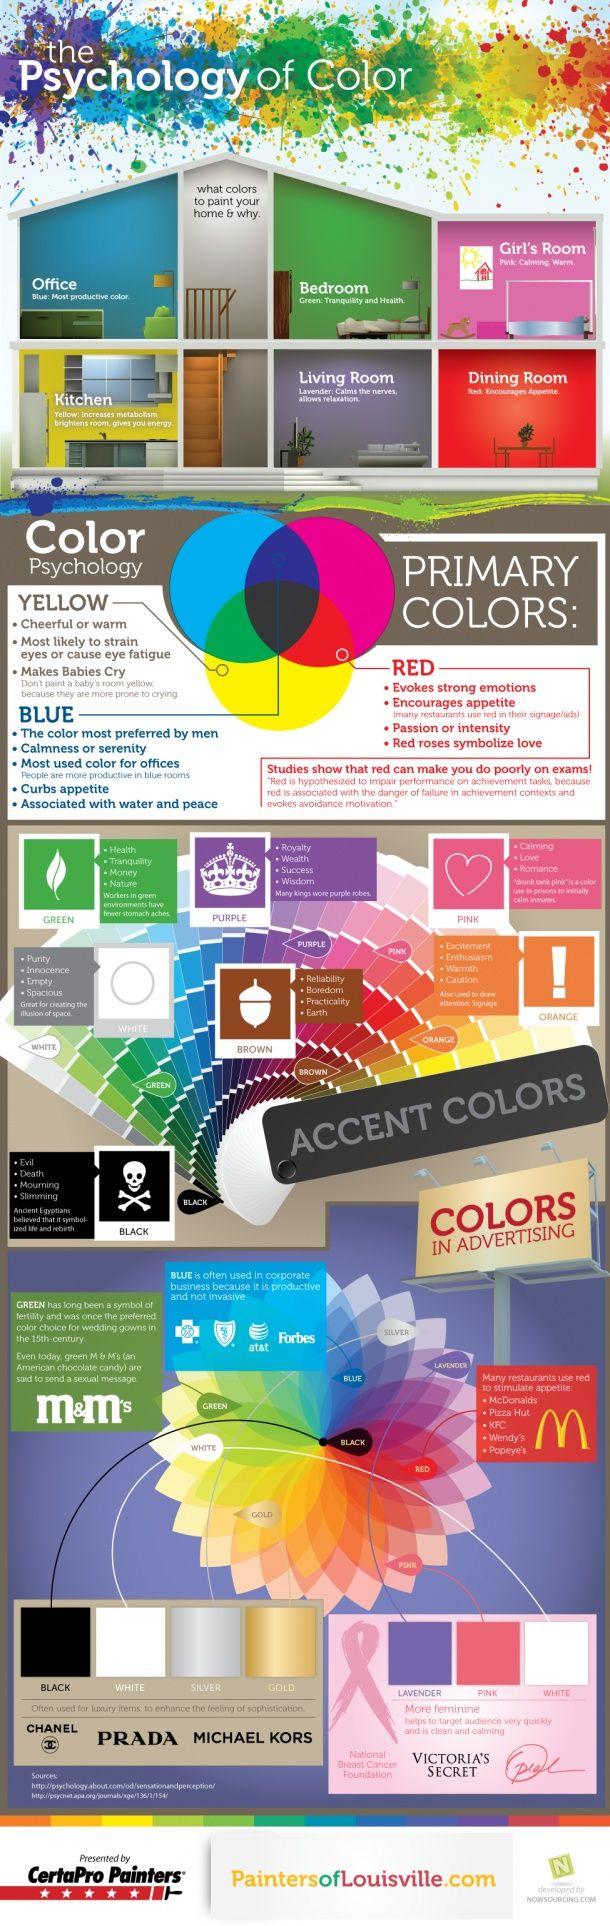 Kolory i ich krótka charakterystyka